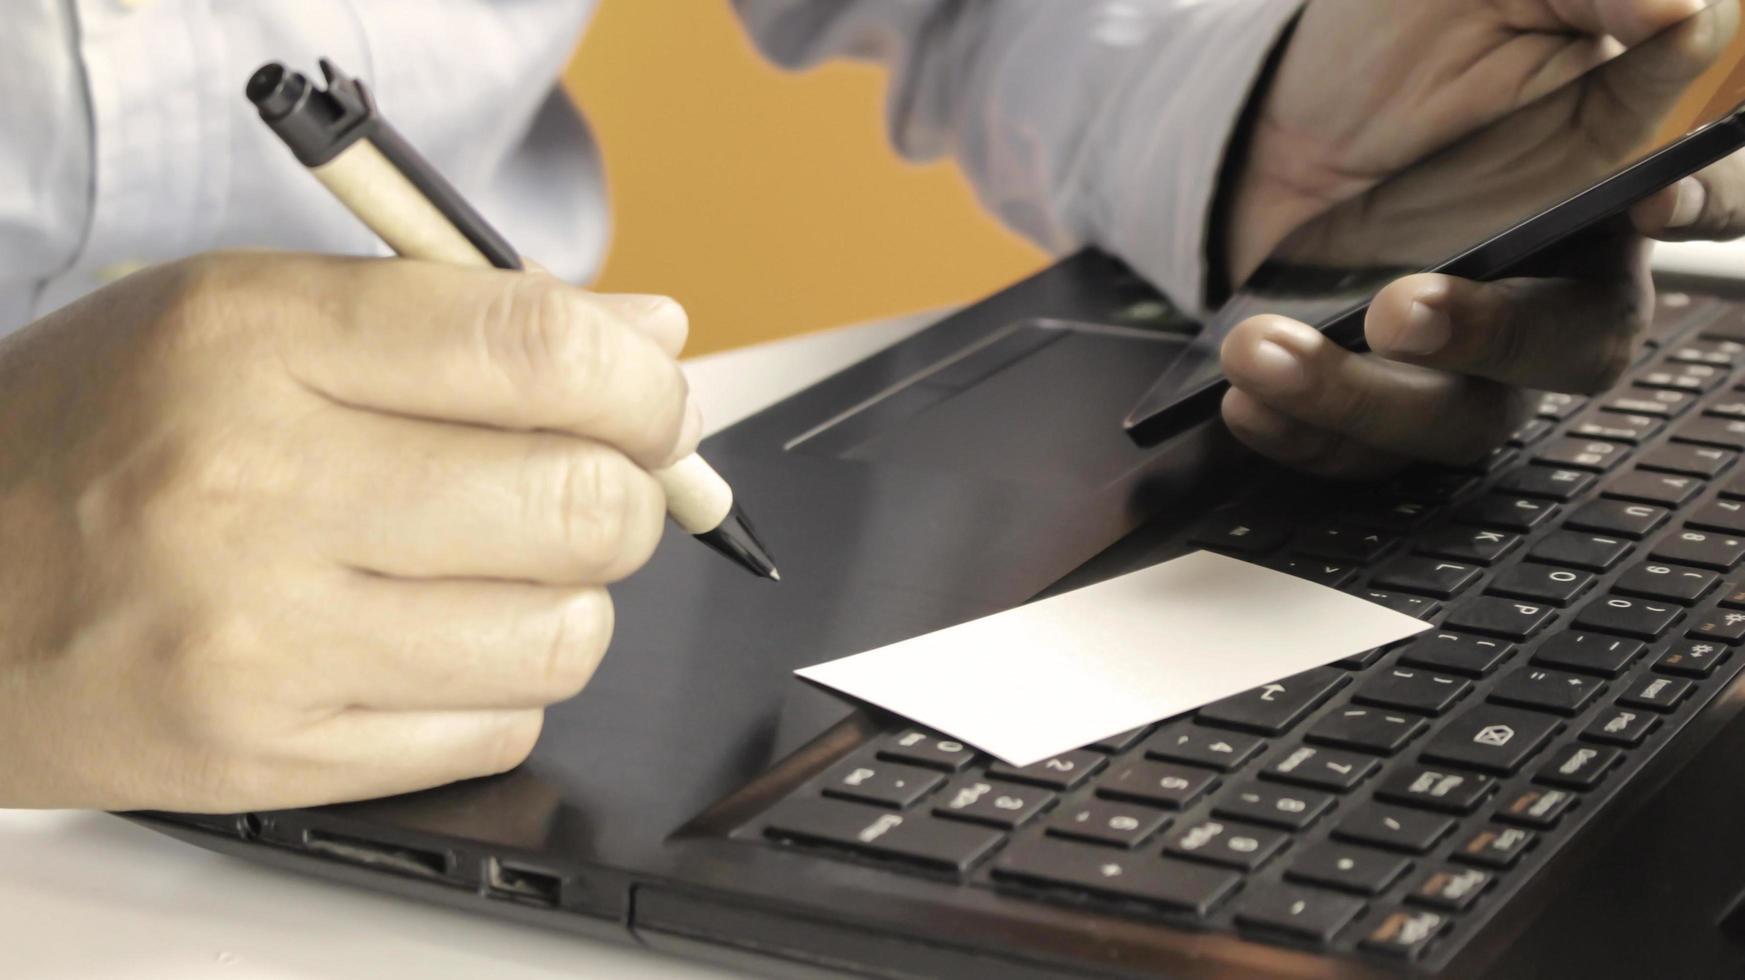 manos usando laptop y smartphone foto